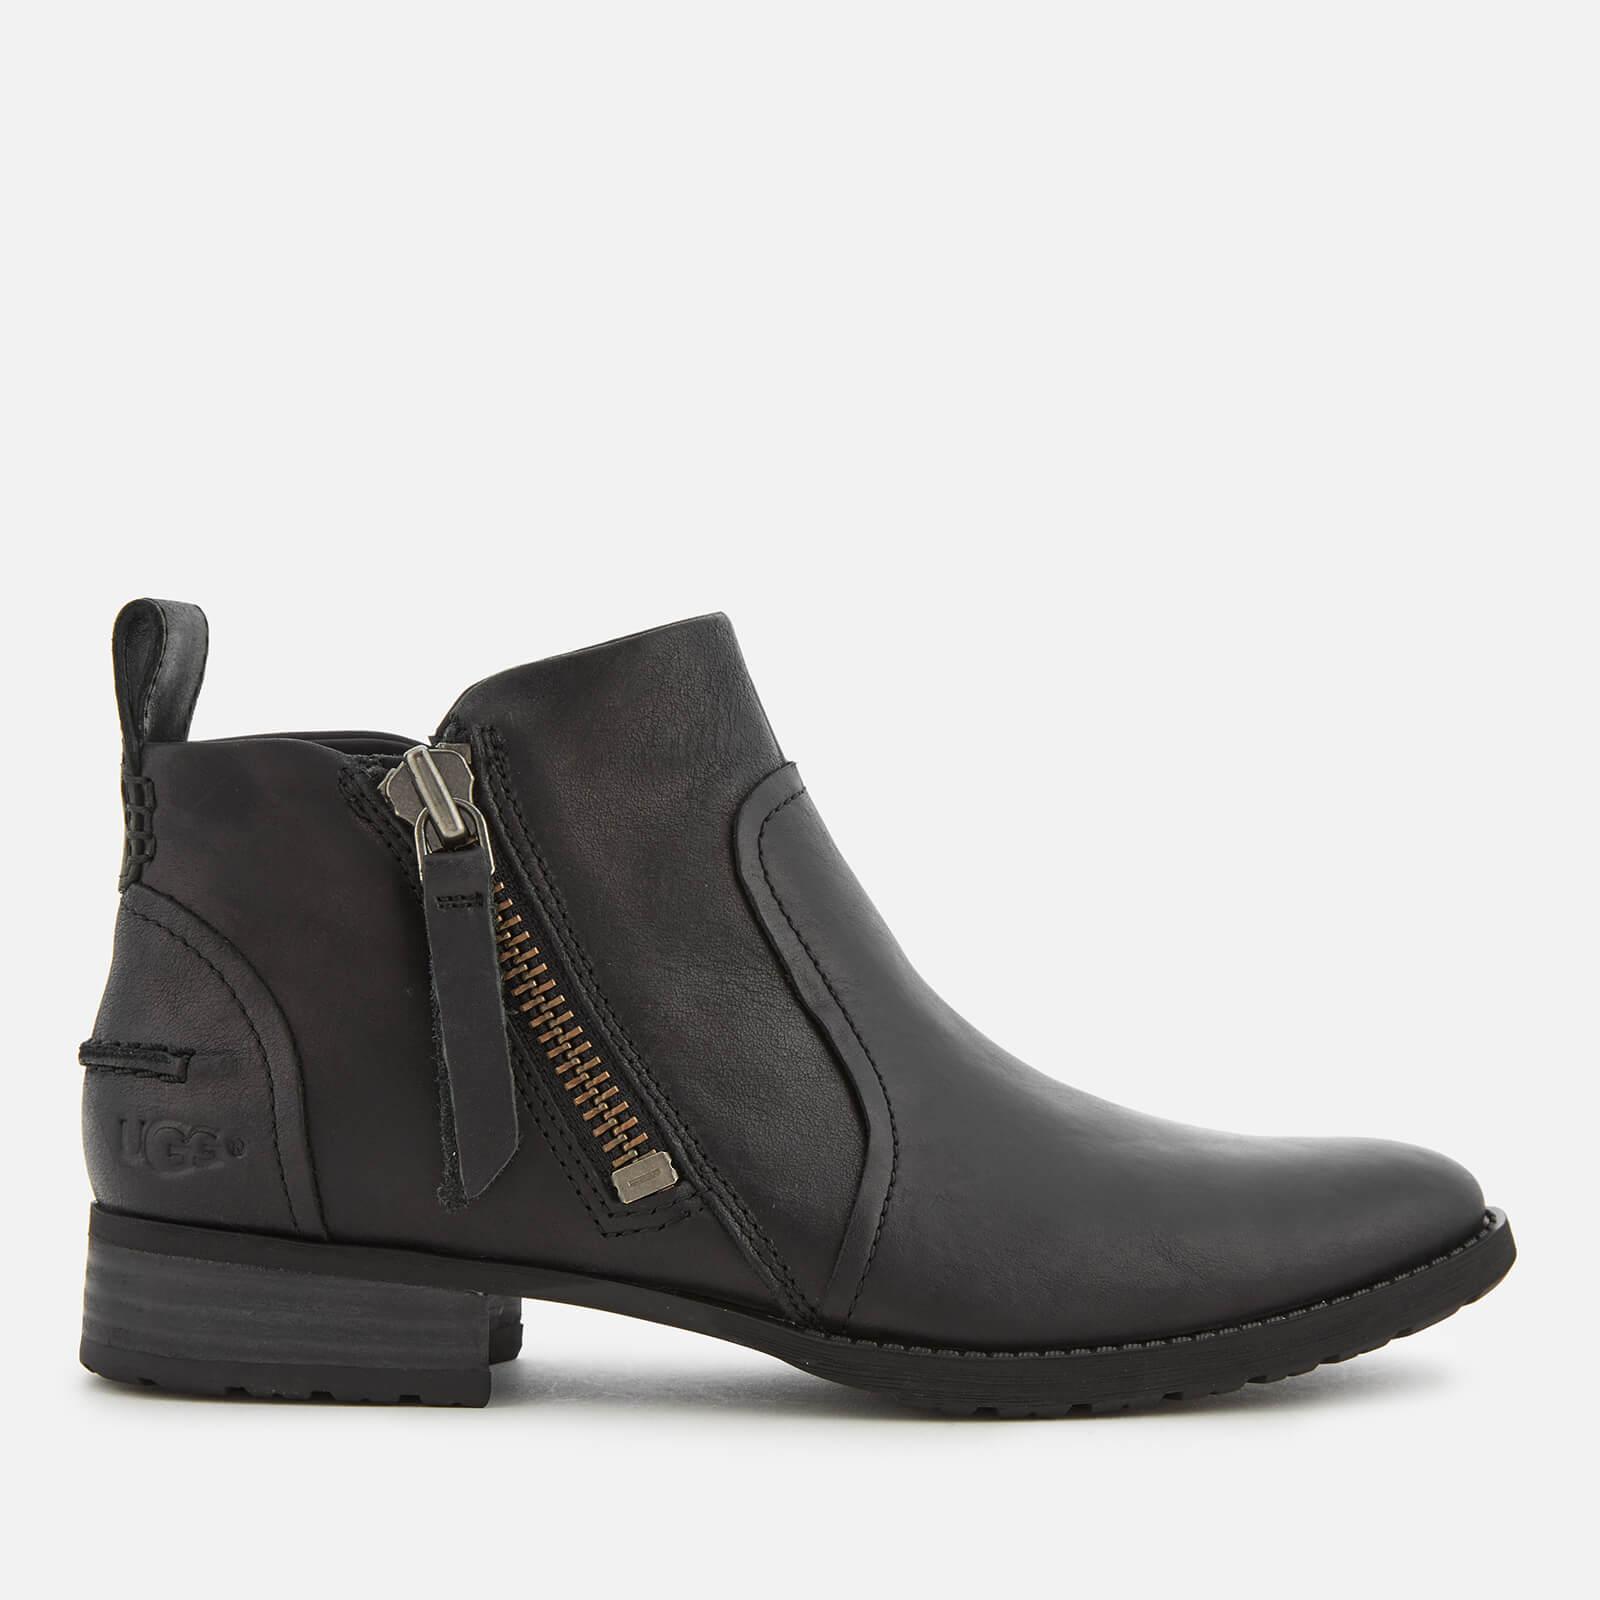 UGG Women's Aureo Full Grain Leather Flat Ankle Boots - Black - UK 4 - Black